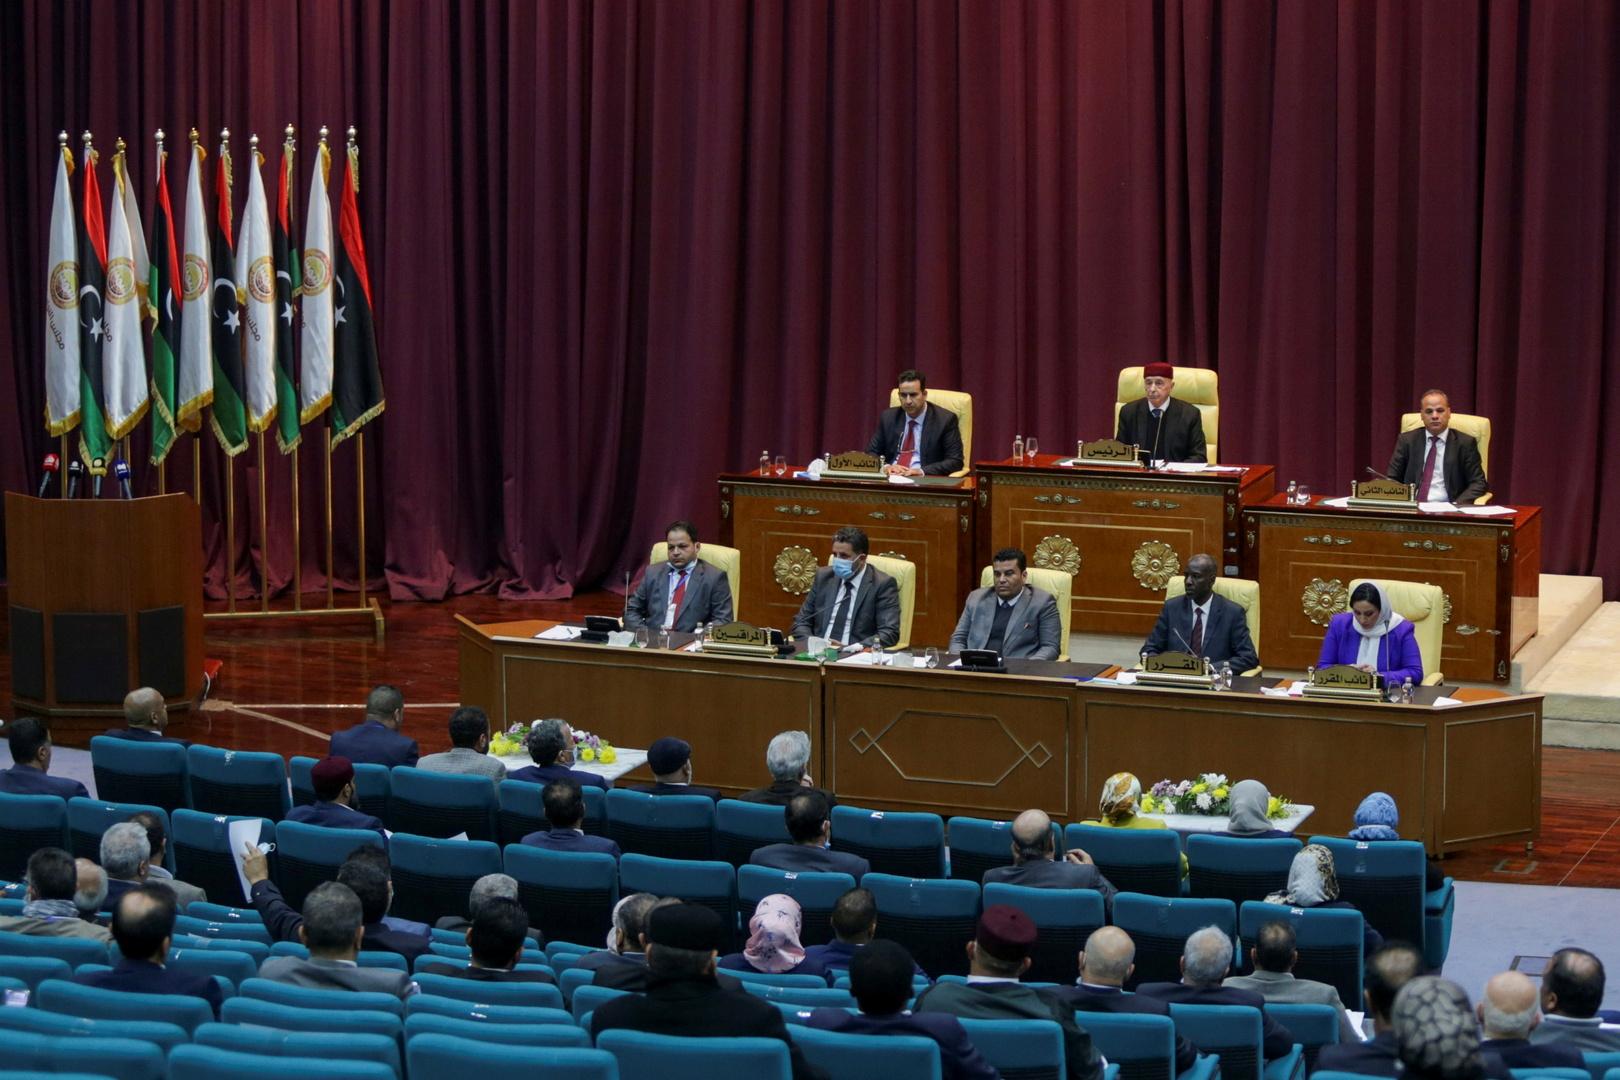 وسائل إعلام: تأجيل جلسة مجلس النواب الليبي لمنح الثقة لحكومة الدبيبة إلى الغد